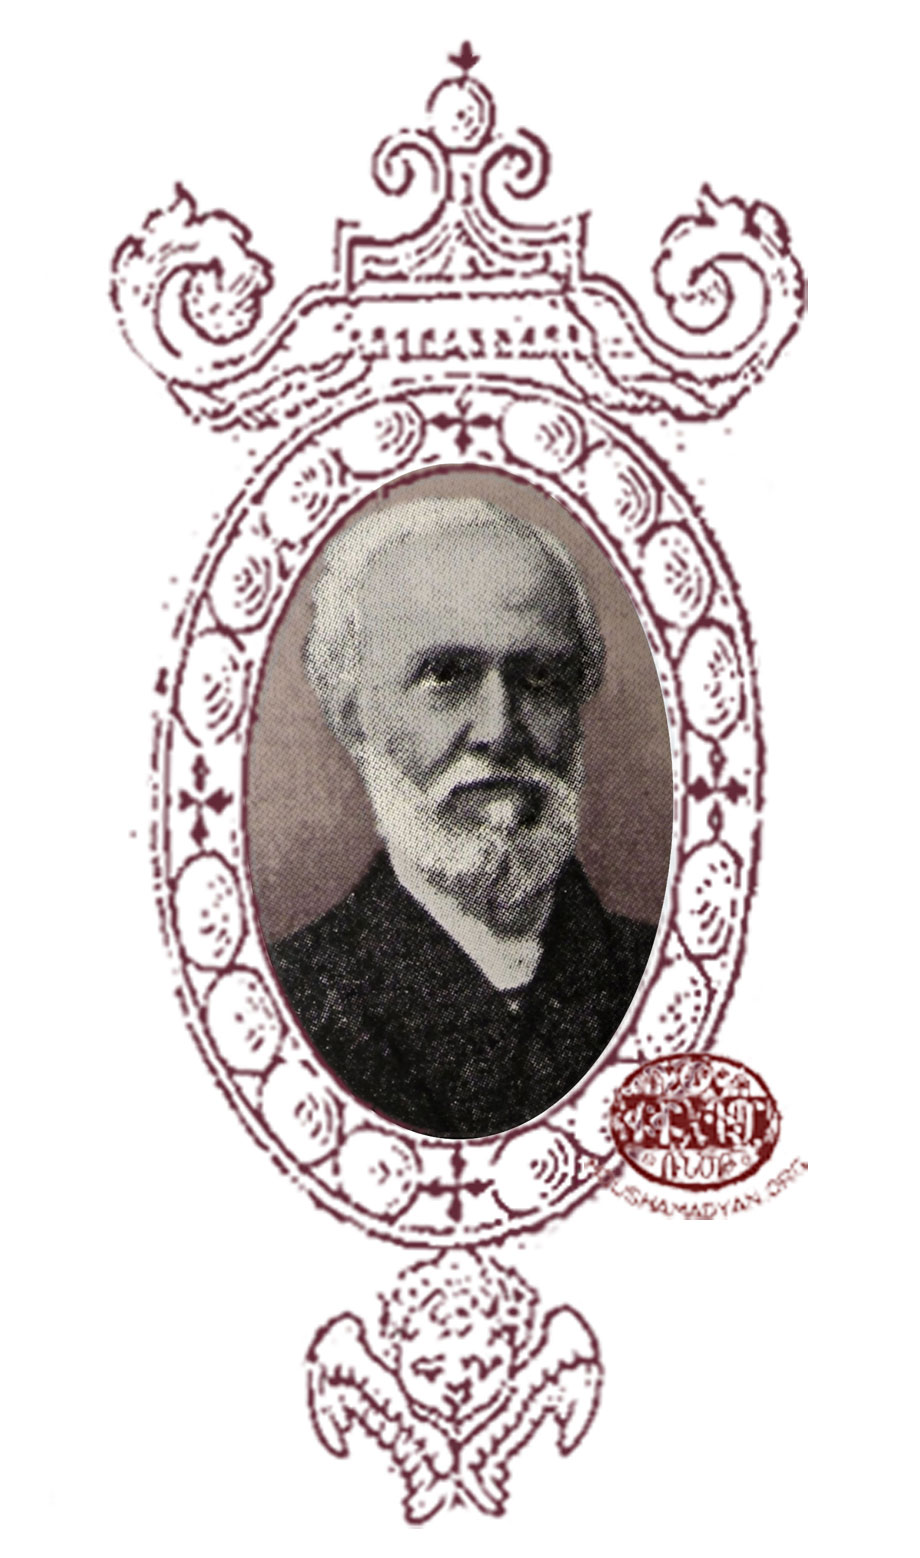 Herman N. Barnum